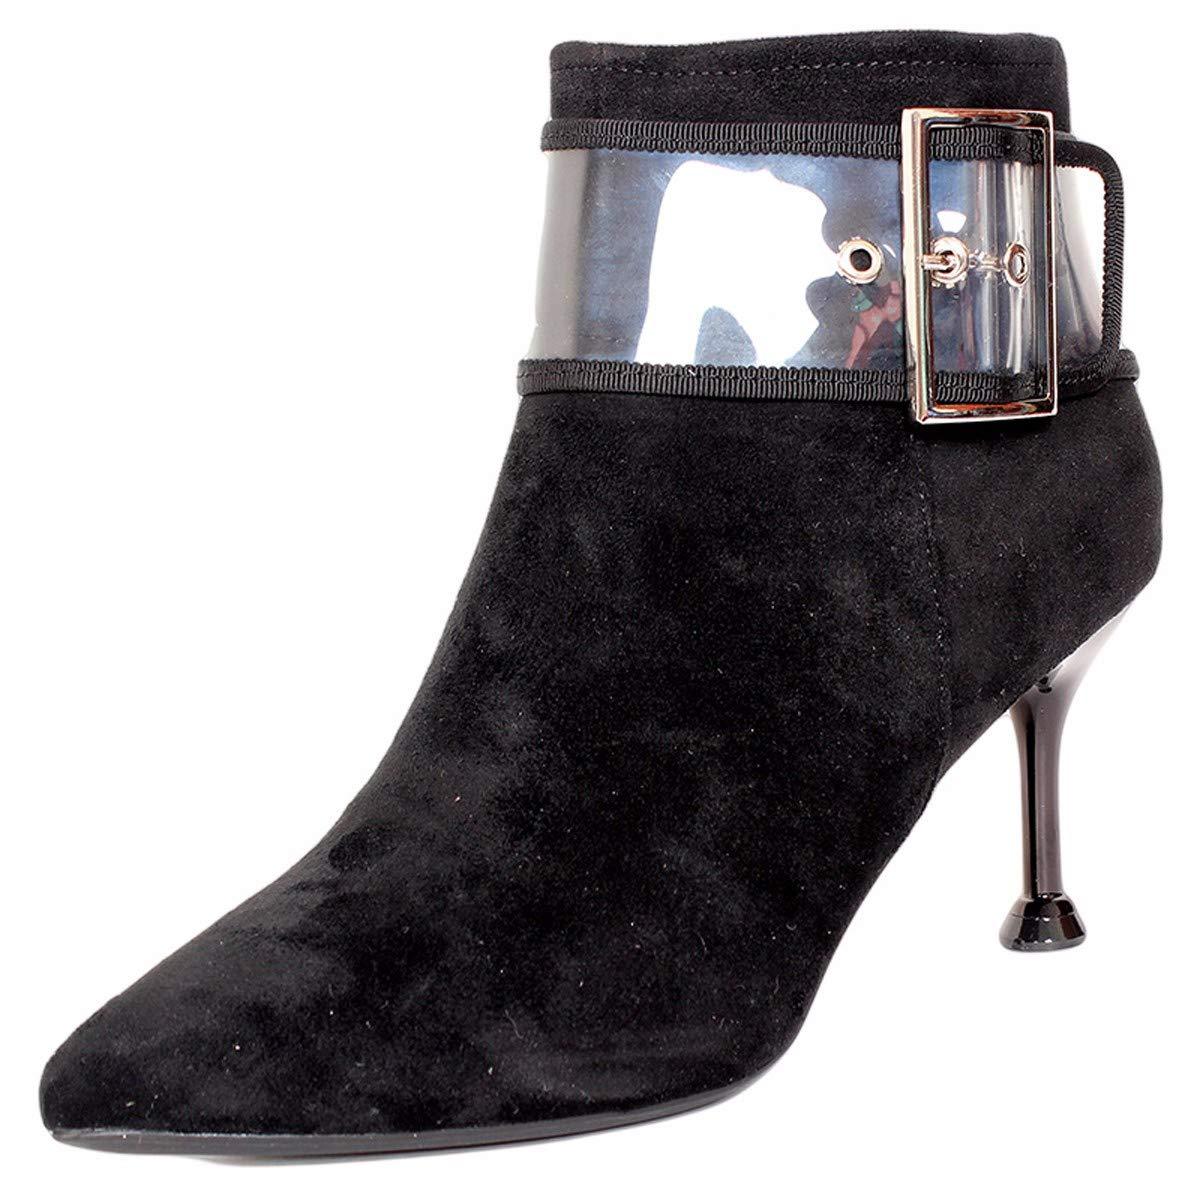 noir Thirty-four LBTSQ-Mode Chaussures Femme Côté Court Bottes avec l'hiver Wild A Indiqué La Boucle De Ceinture Bottes Transparent Maigre Talon Mahomme Dingxue.